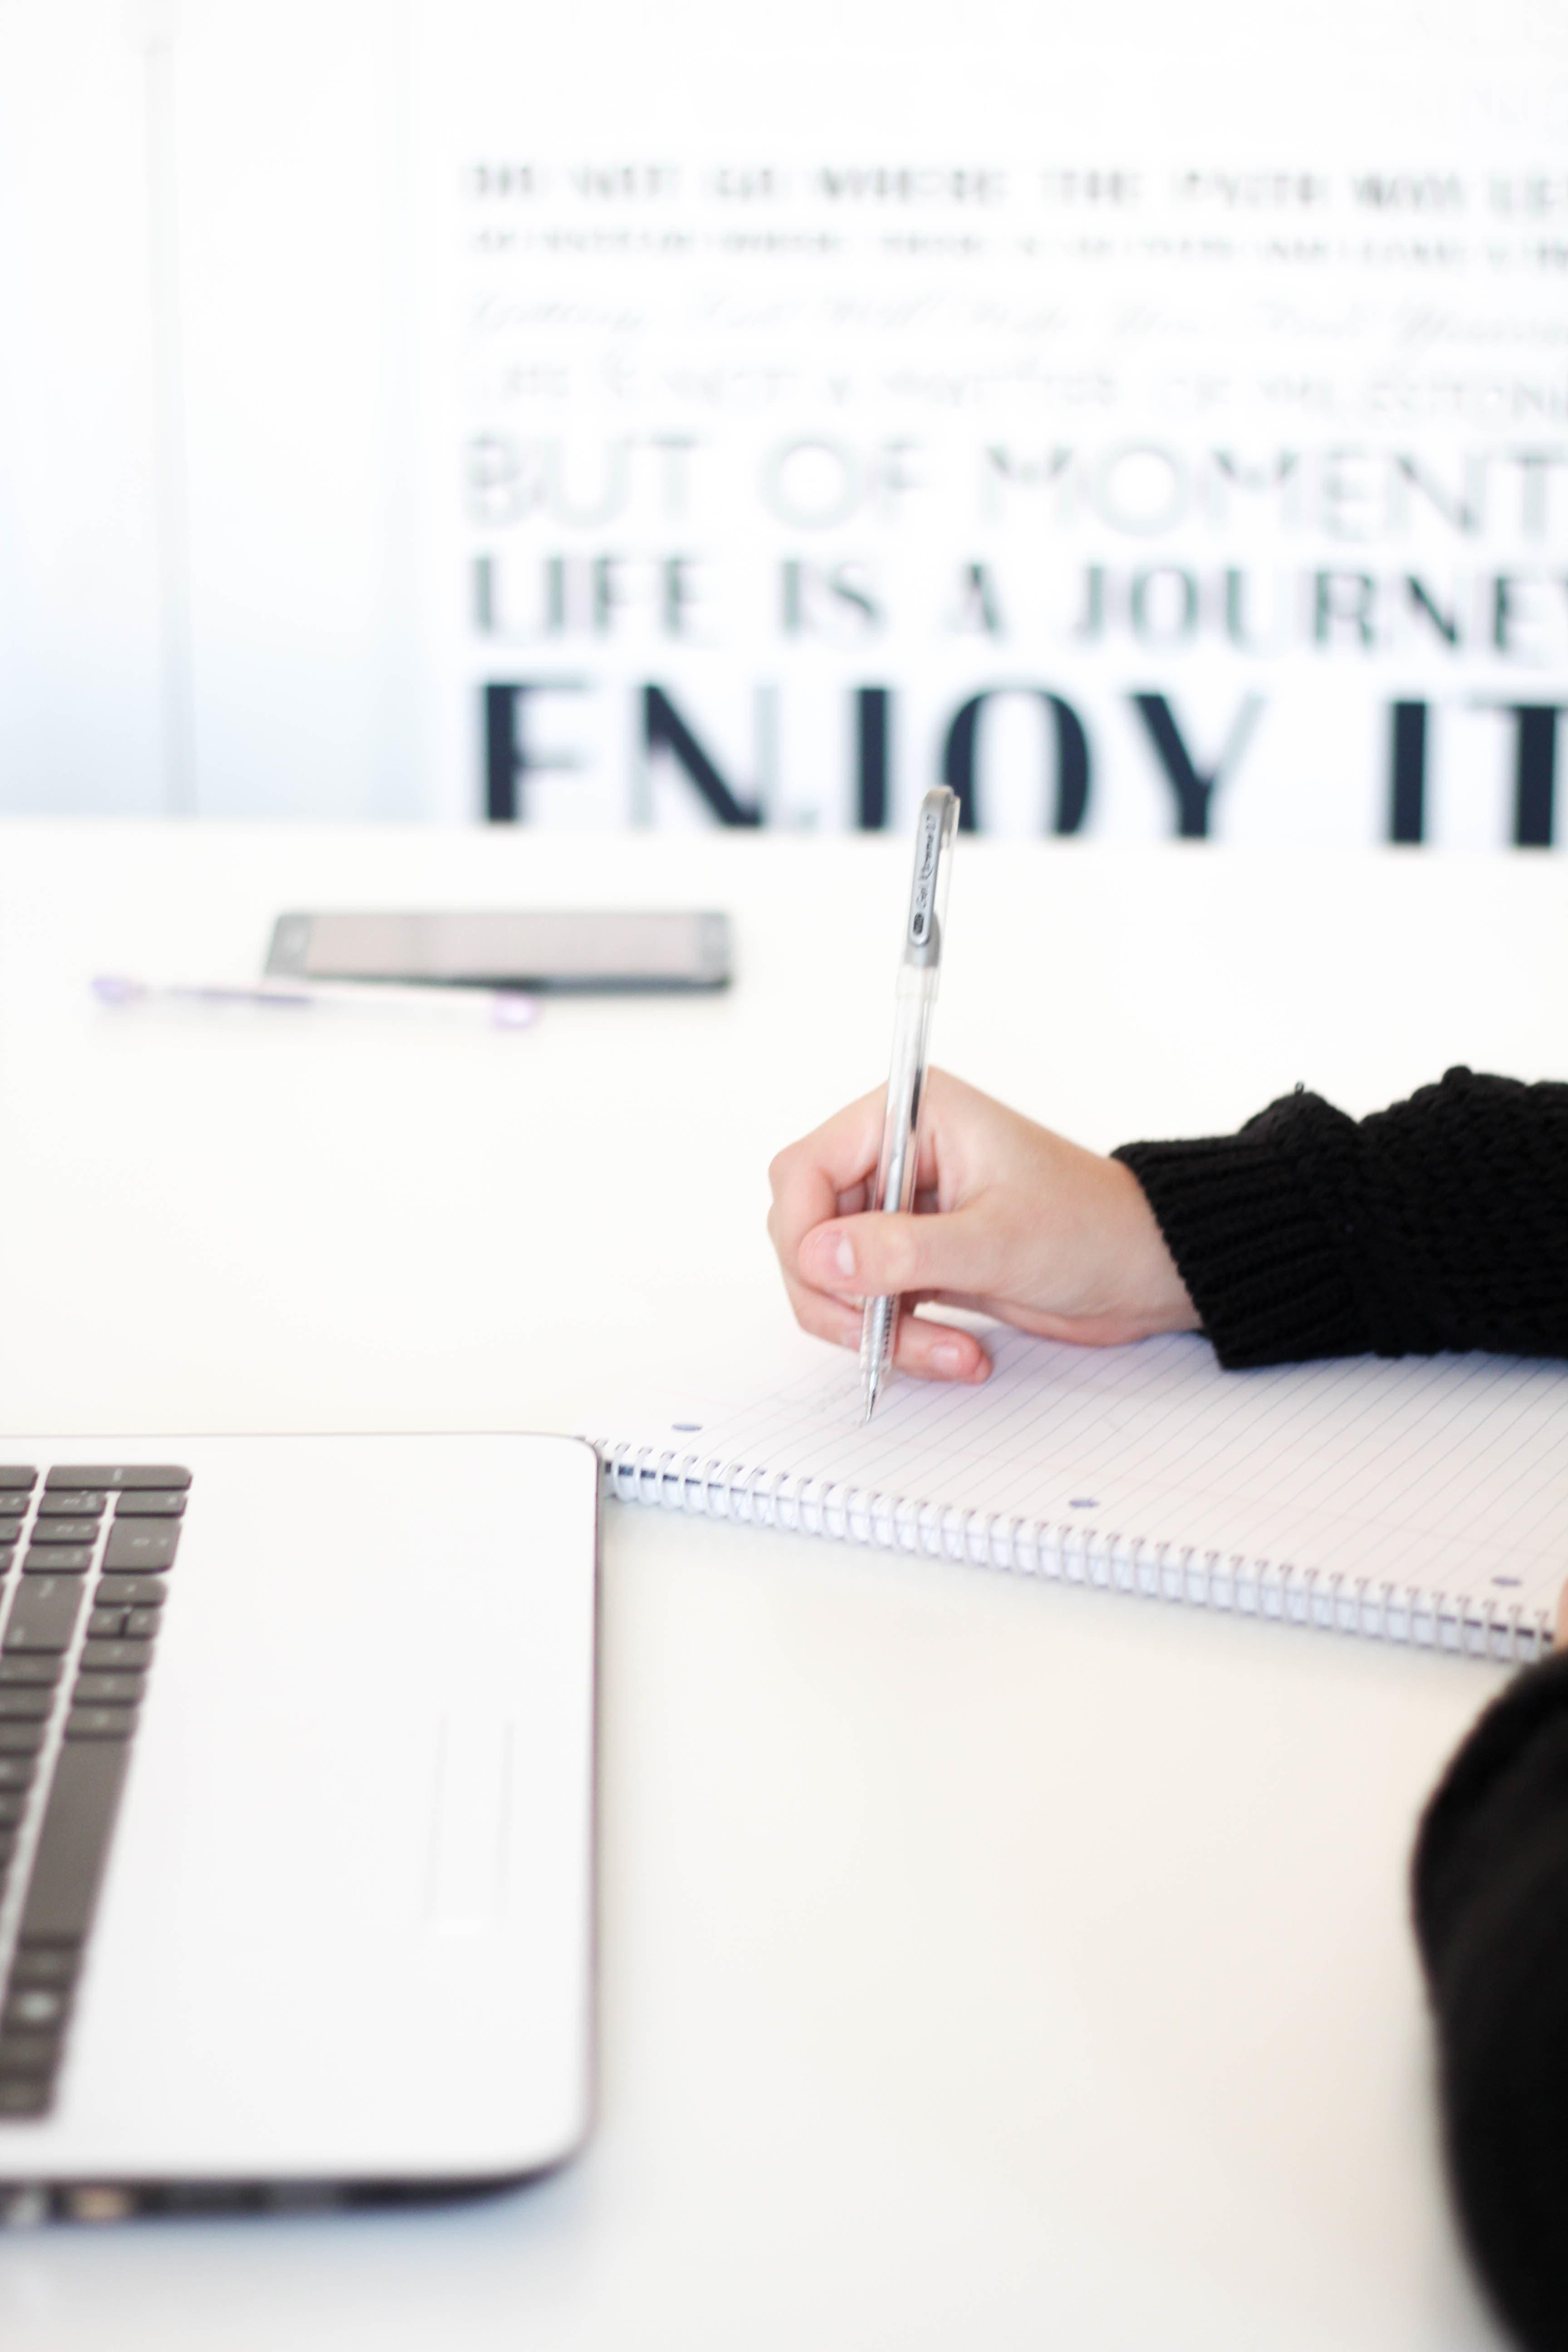 çalışma hayatı,çözüm odaklı,hayatın denge üçlemesi,iş, iş başvuruları,işini doğru seç,işsizlik, kariyer, network,iş hayatı, kariyer siteleri, profesyonel hayati iş görüşmeleri,mülakat,mobbing,insan kaynakları uzmanı, kariyer danışmanlık hizmeti